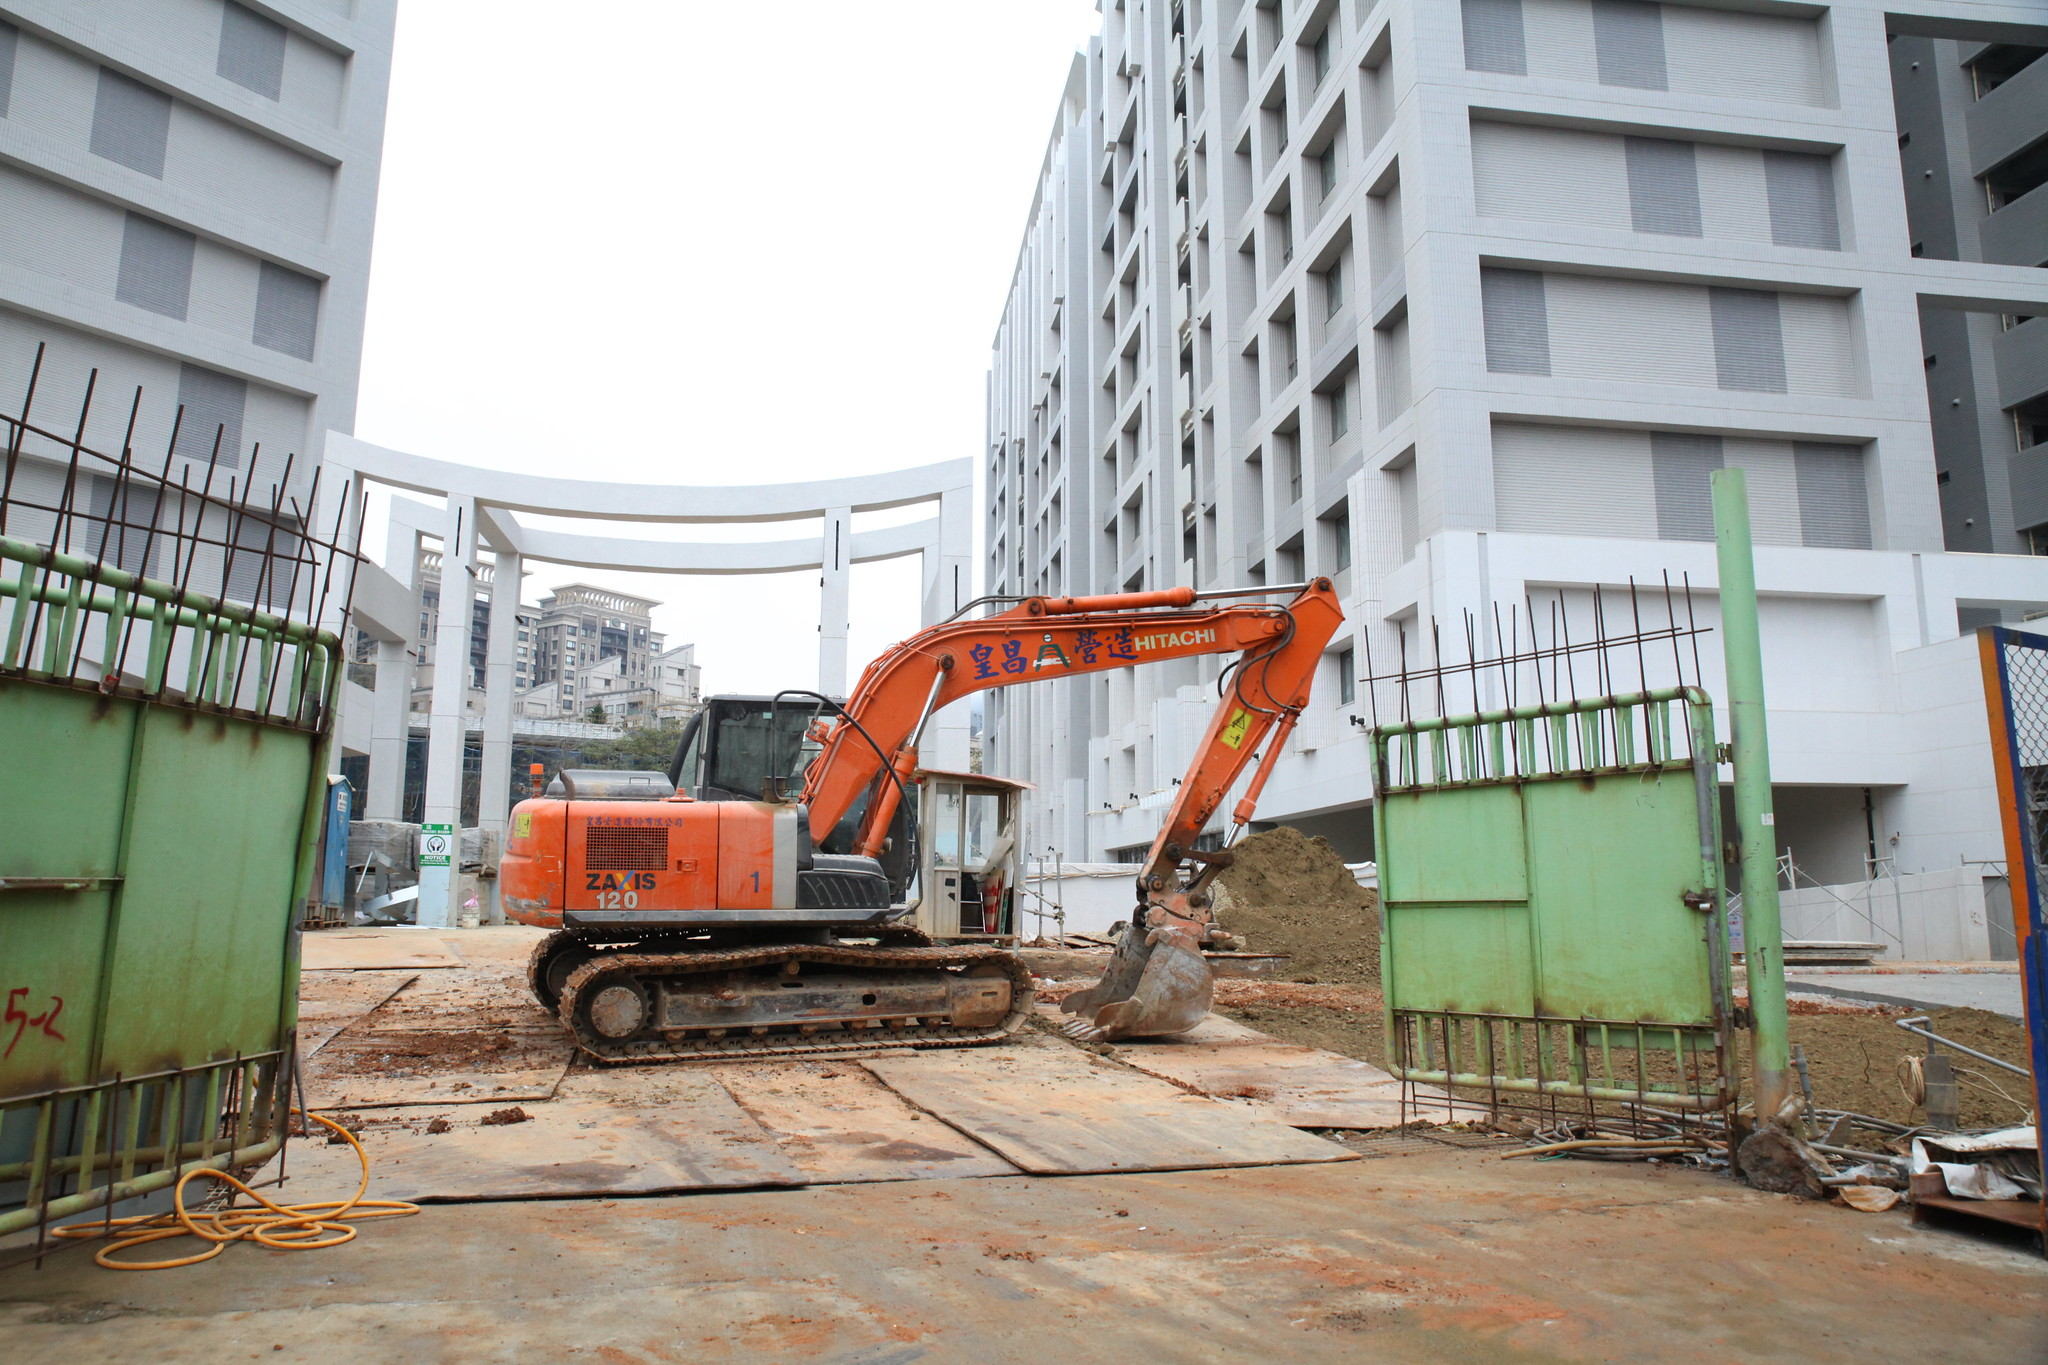 皇昌承包的公共建設,是透過移工提供的廉價勞動力才得以完成。(攝影:陳逸婷)